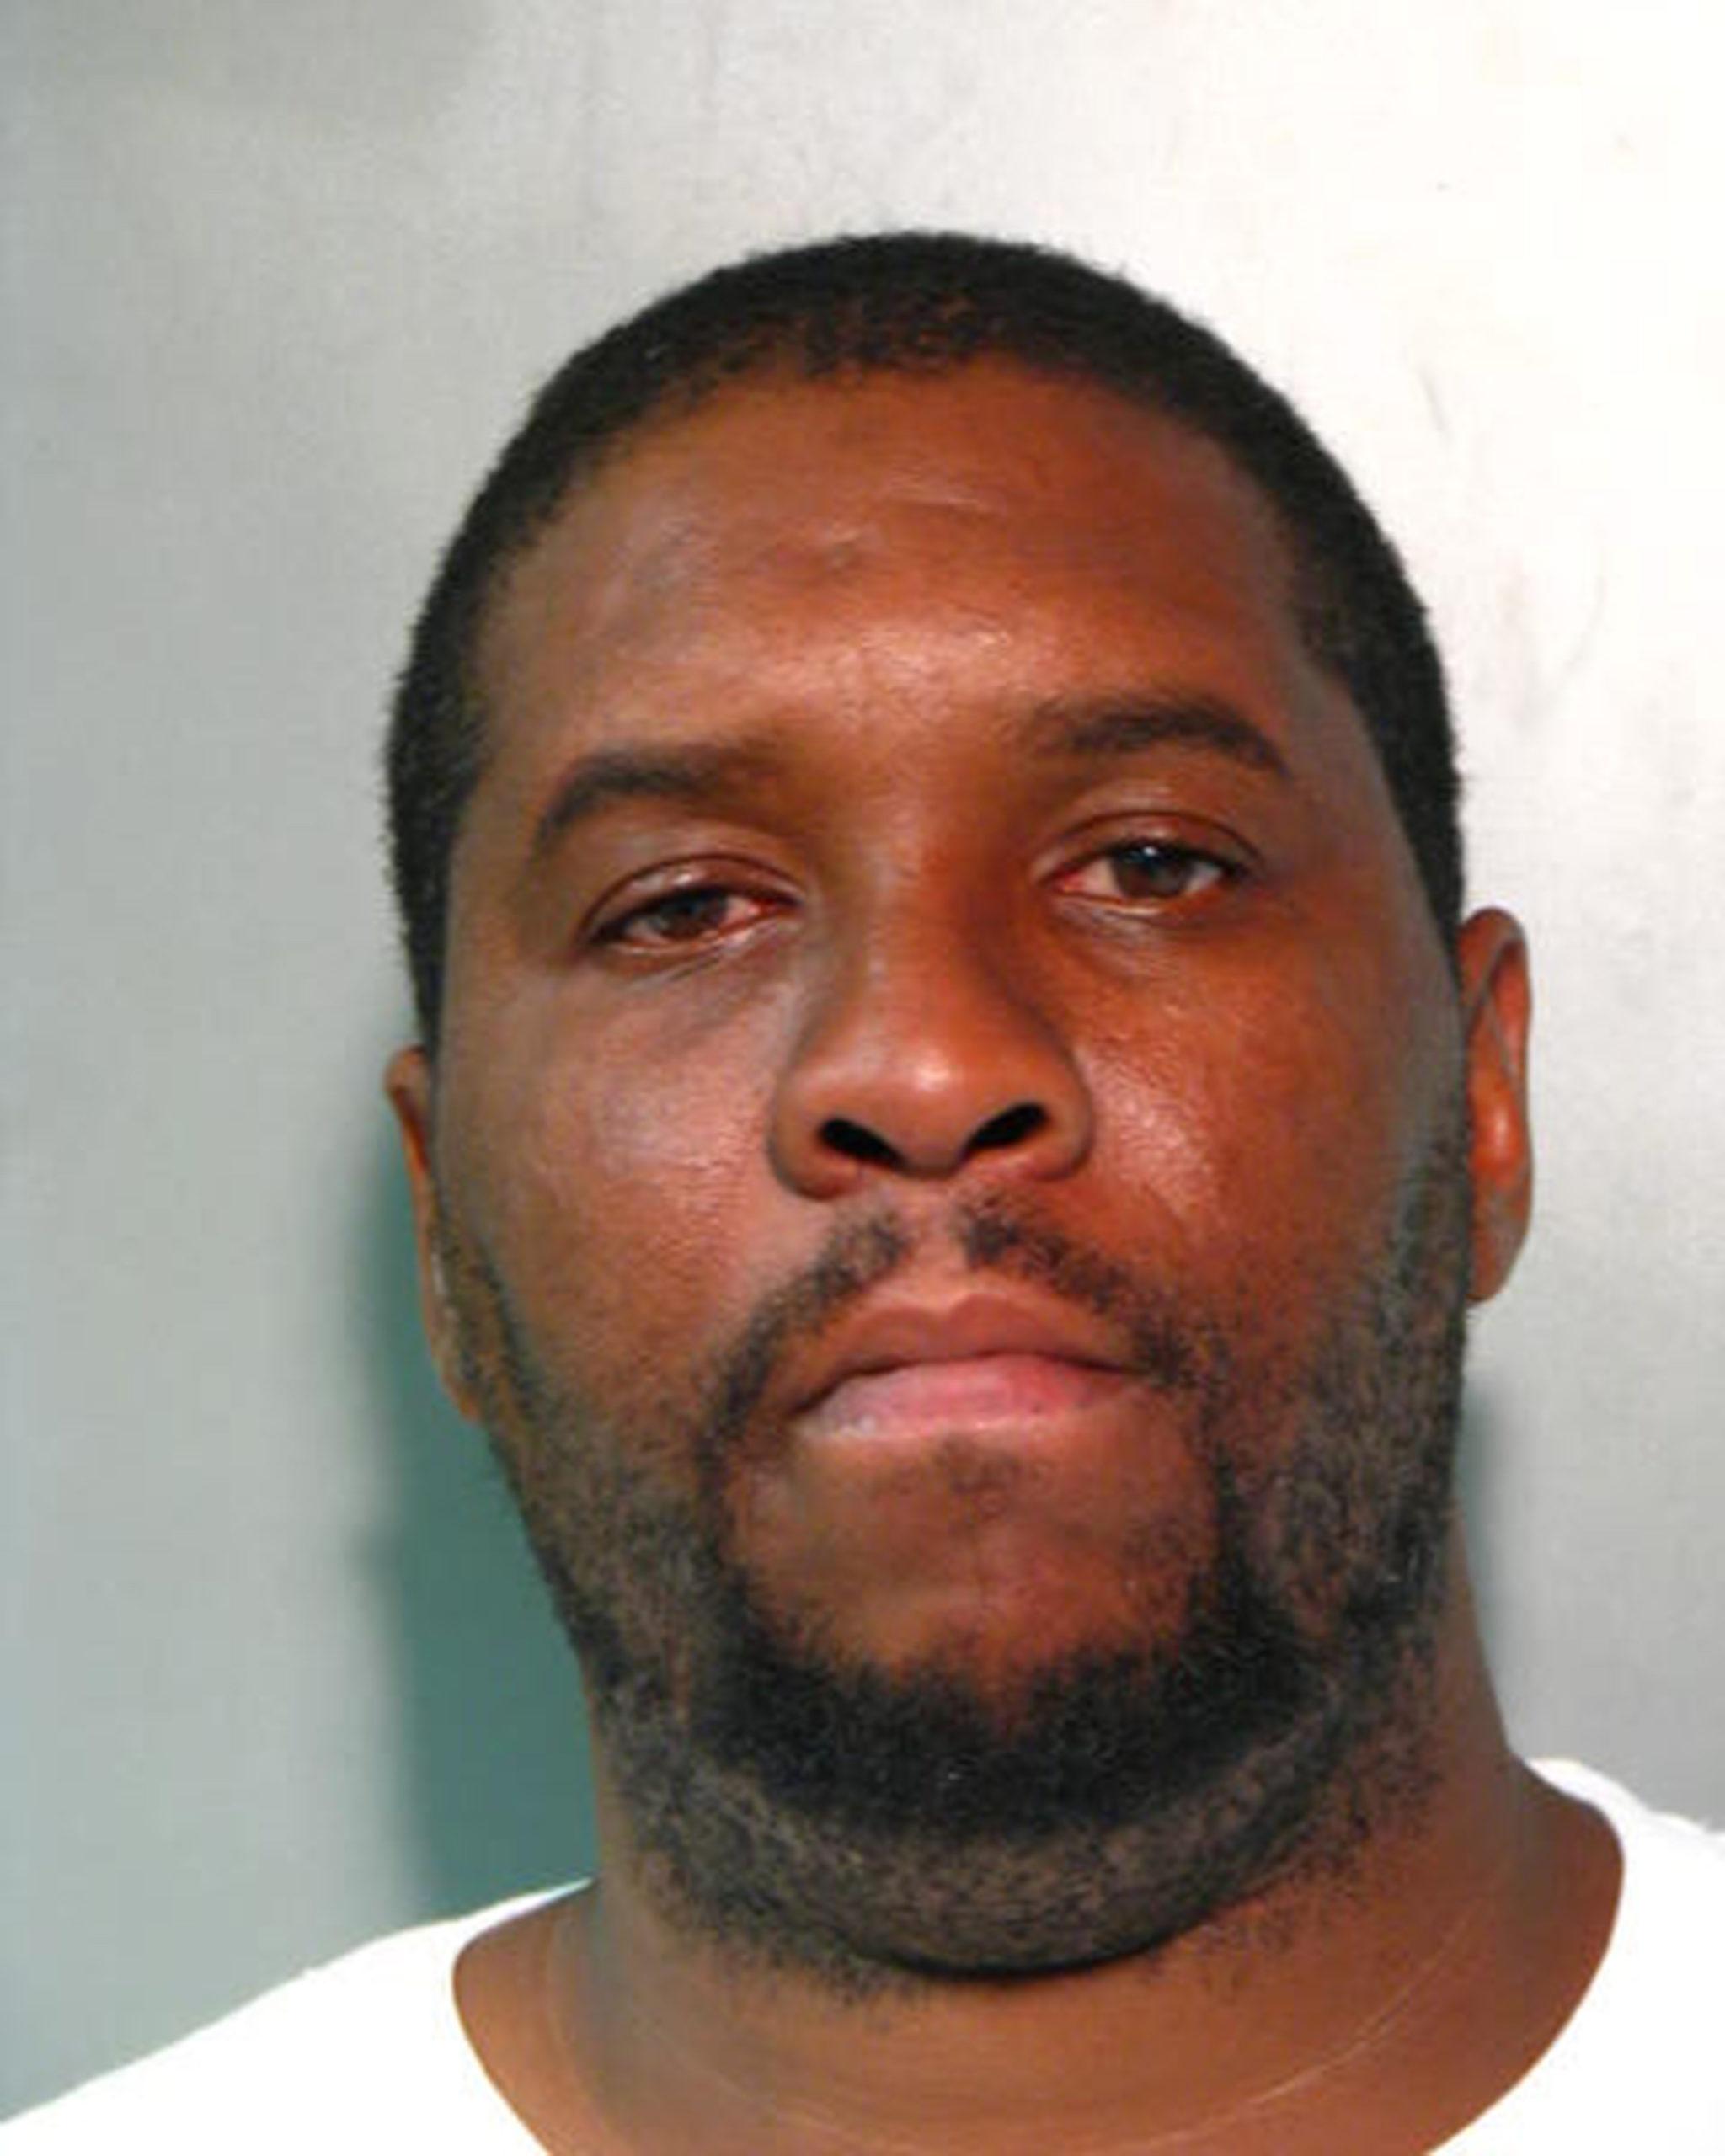 Suspected killer, Michael Gaines